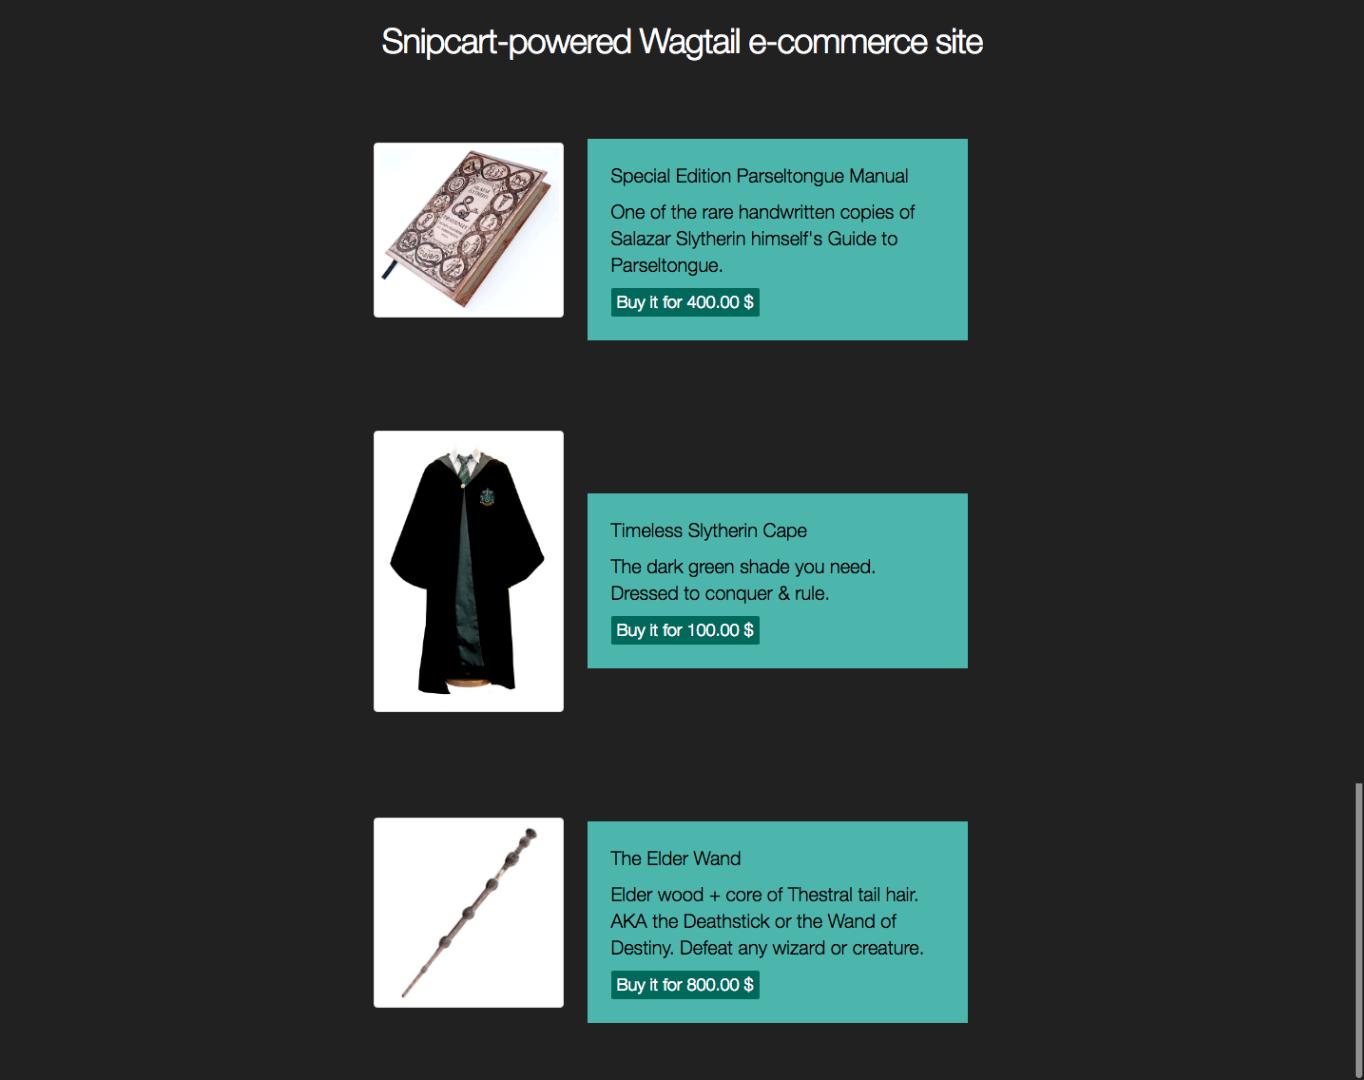 django-ecommerce-demo-snipcart-wagtail